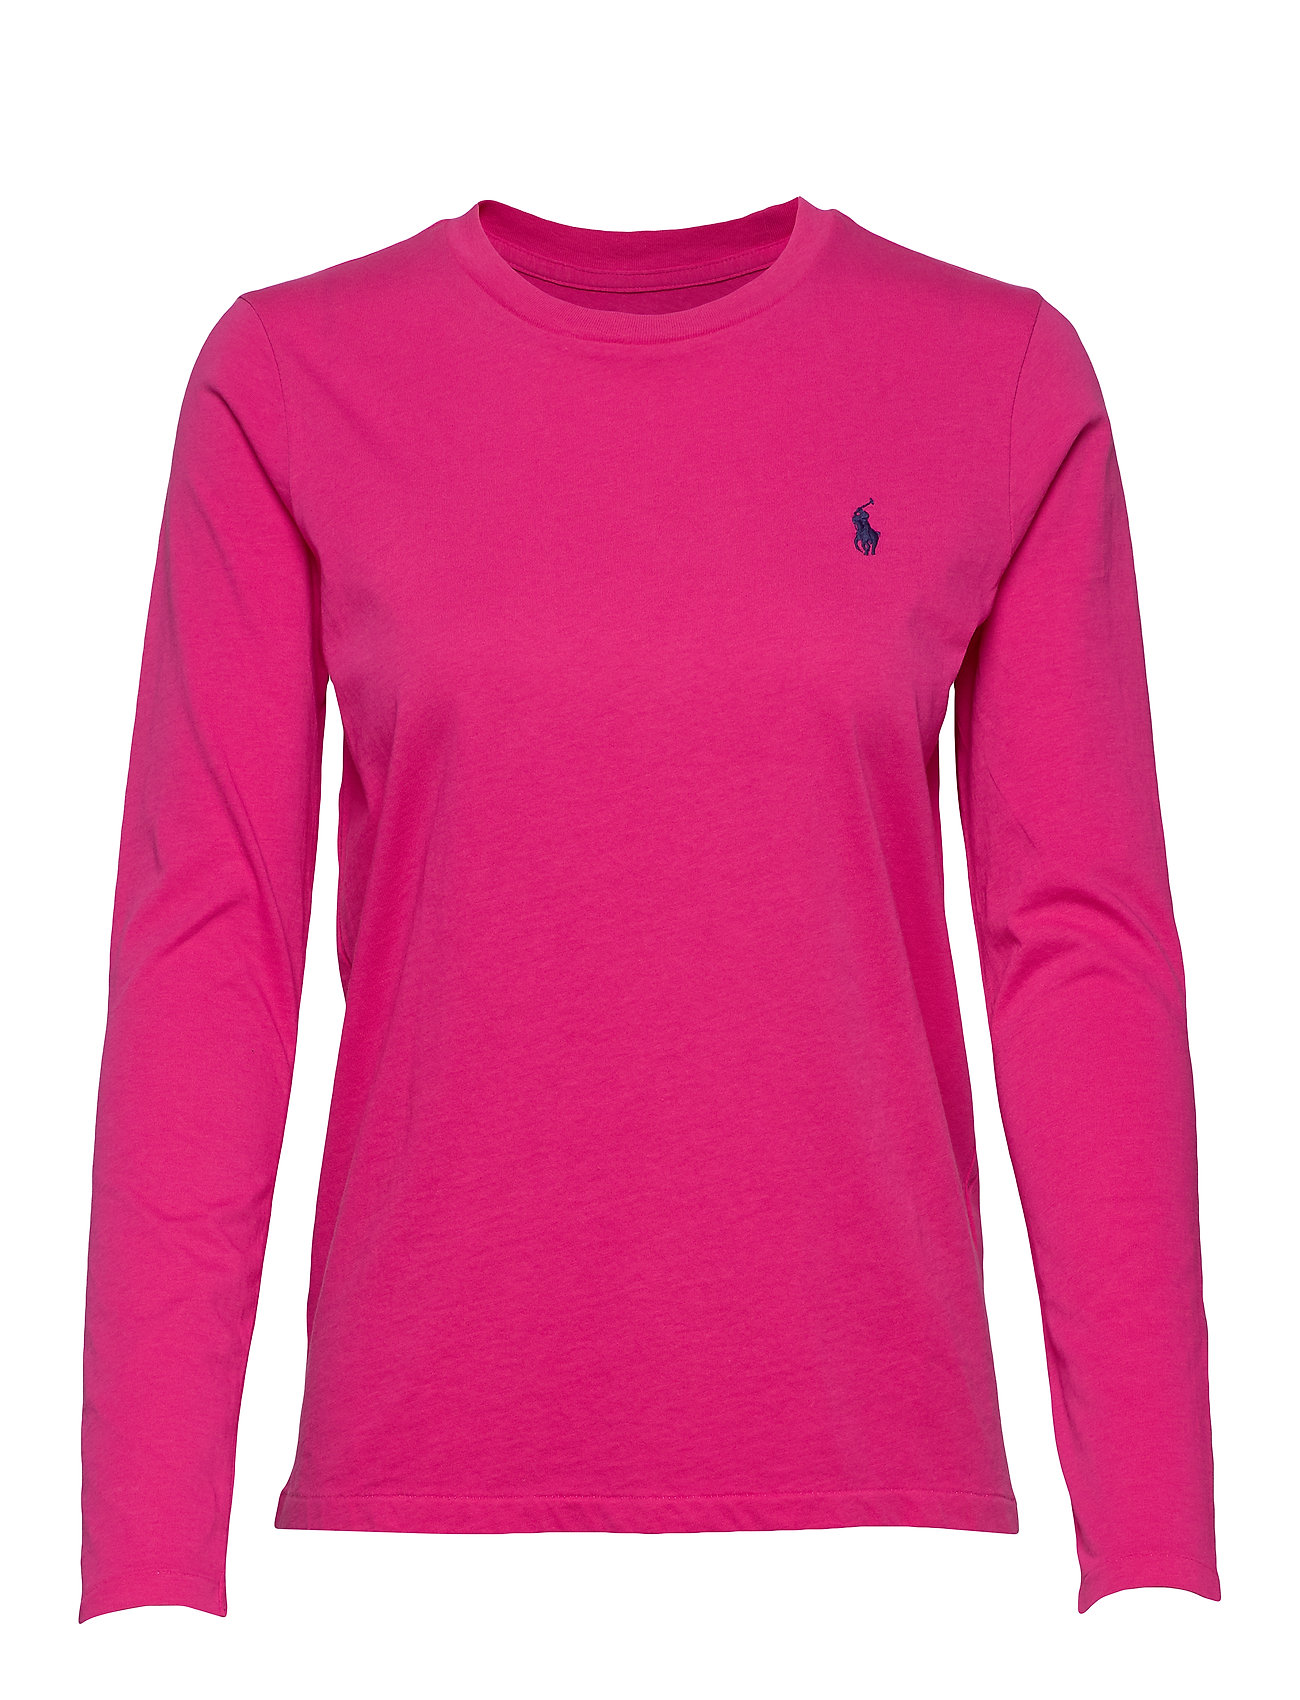 Polo Ralph Lauren Jersey Long-Sleeve Shirt - ACCENT PINK